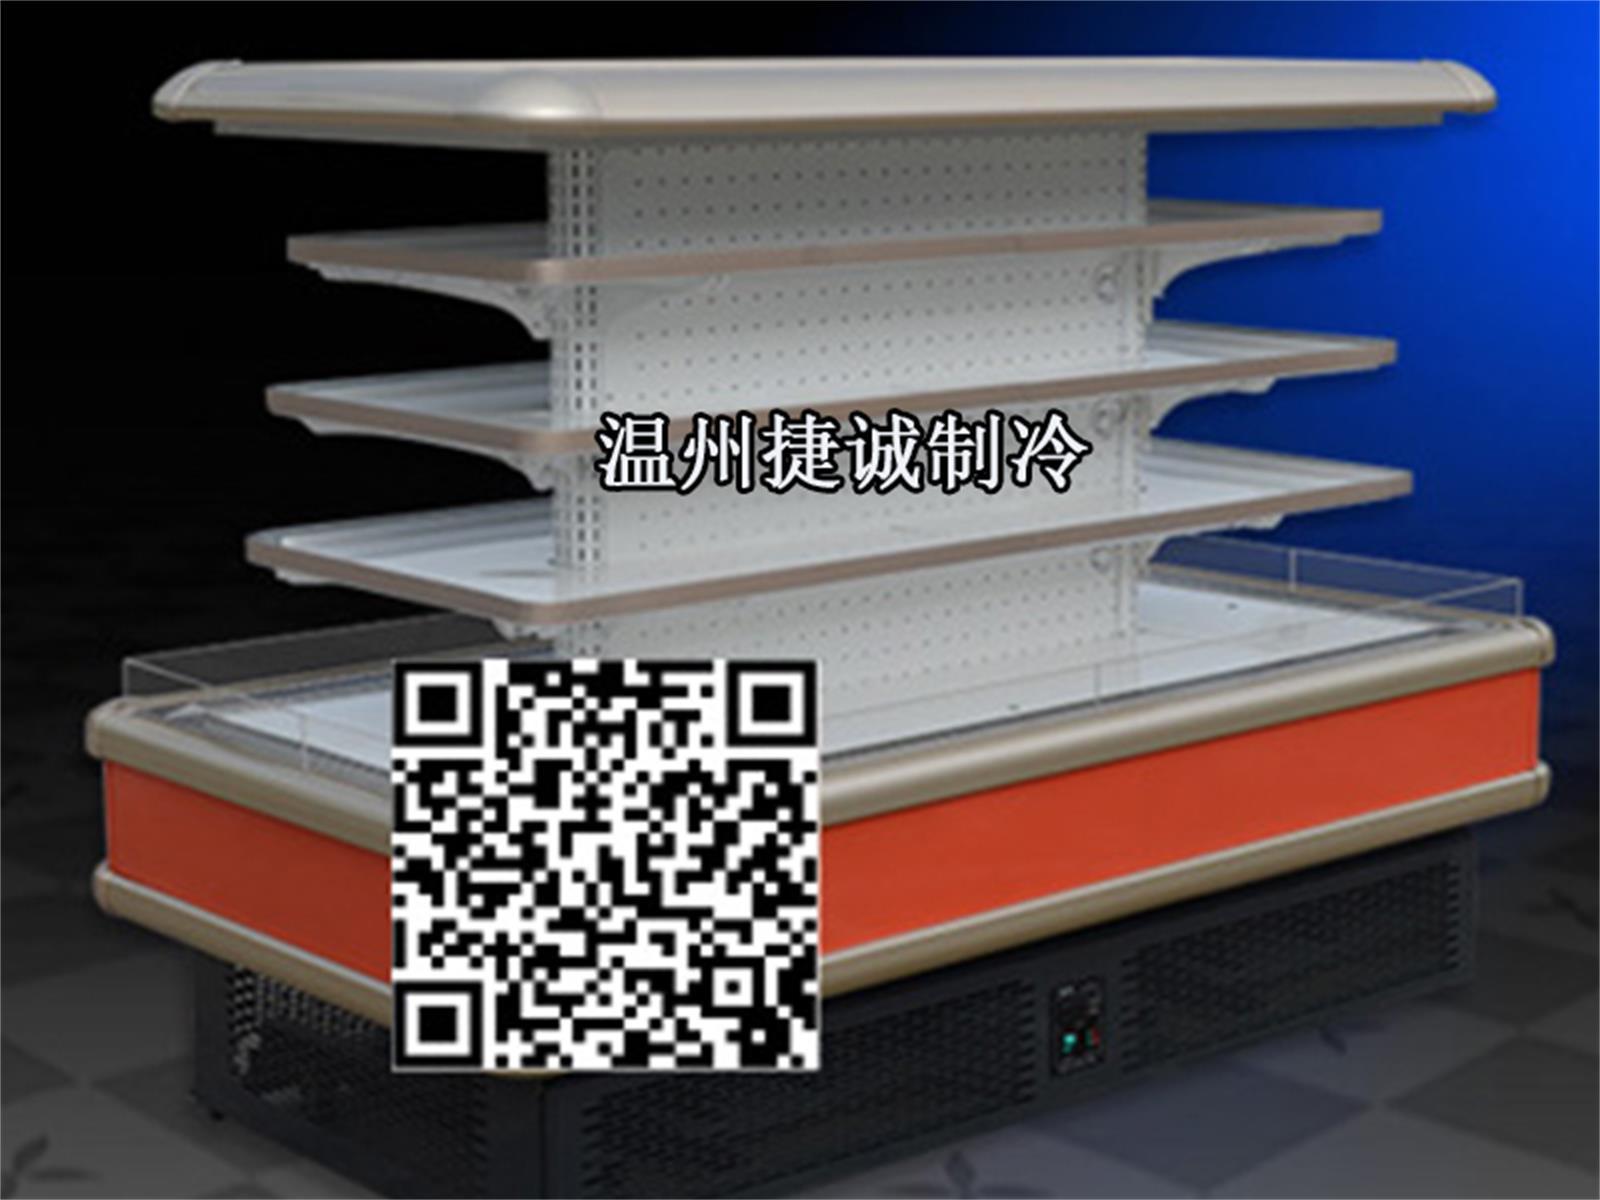 为您推荐优可靠的不锈钢冷柜-生鲜货架供应商